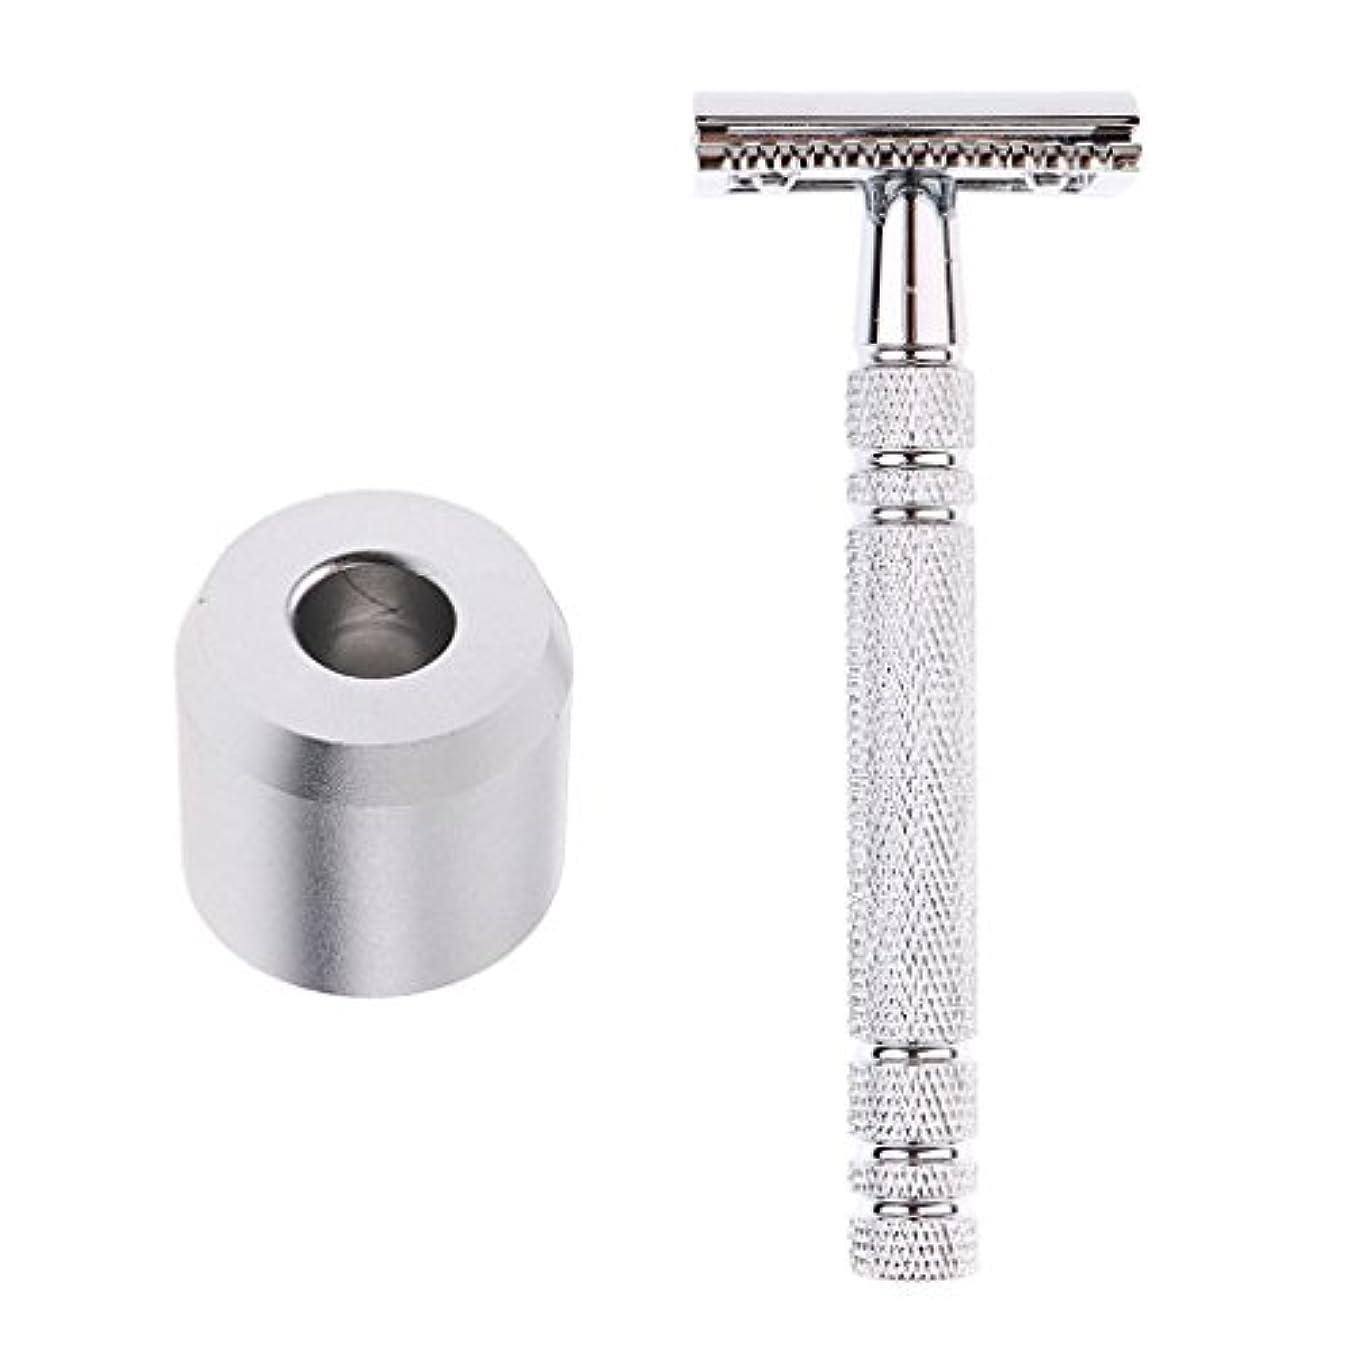 好きクローン和解するBaosity シェービング用 シェービング カミソリ シェービングスタンド スタンドベース ダブルエッジ剃刀 金属材料 メンズ 2色選べる - 銀